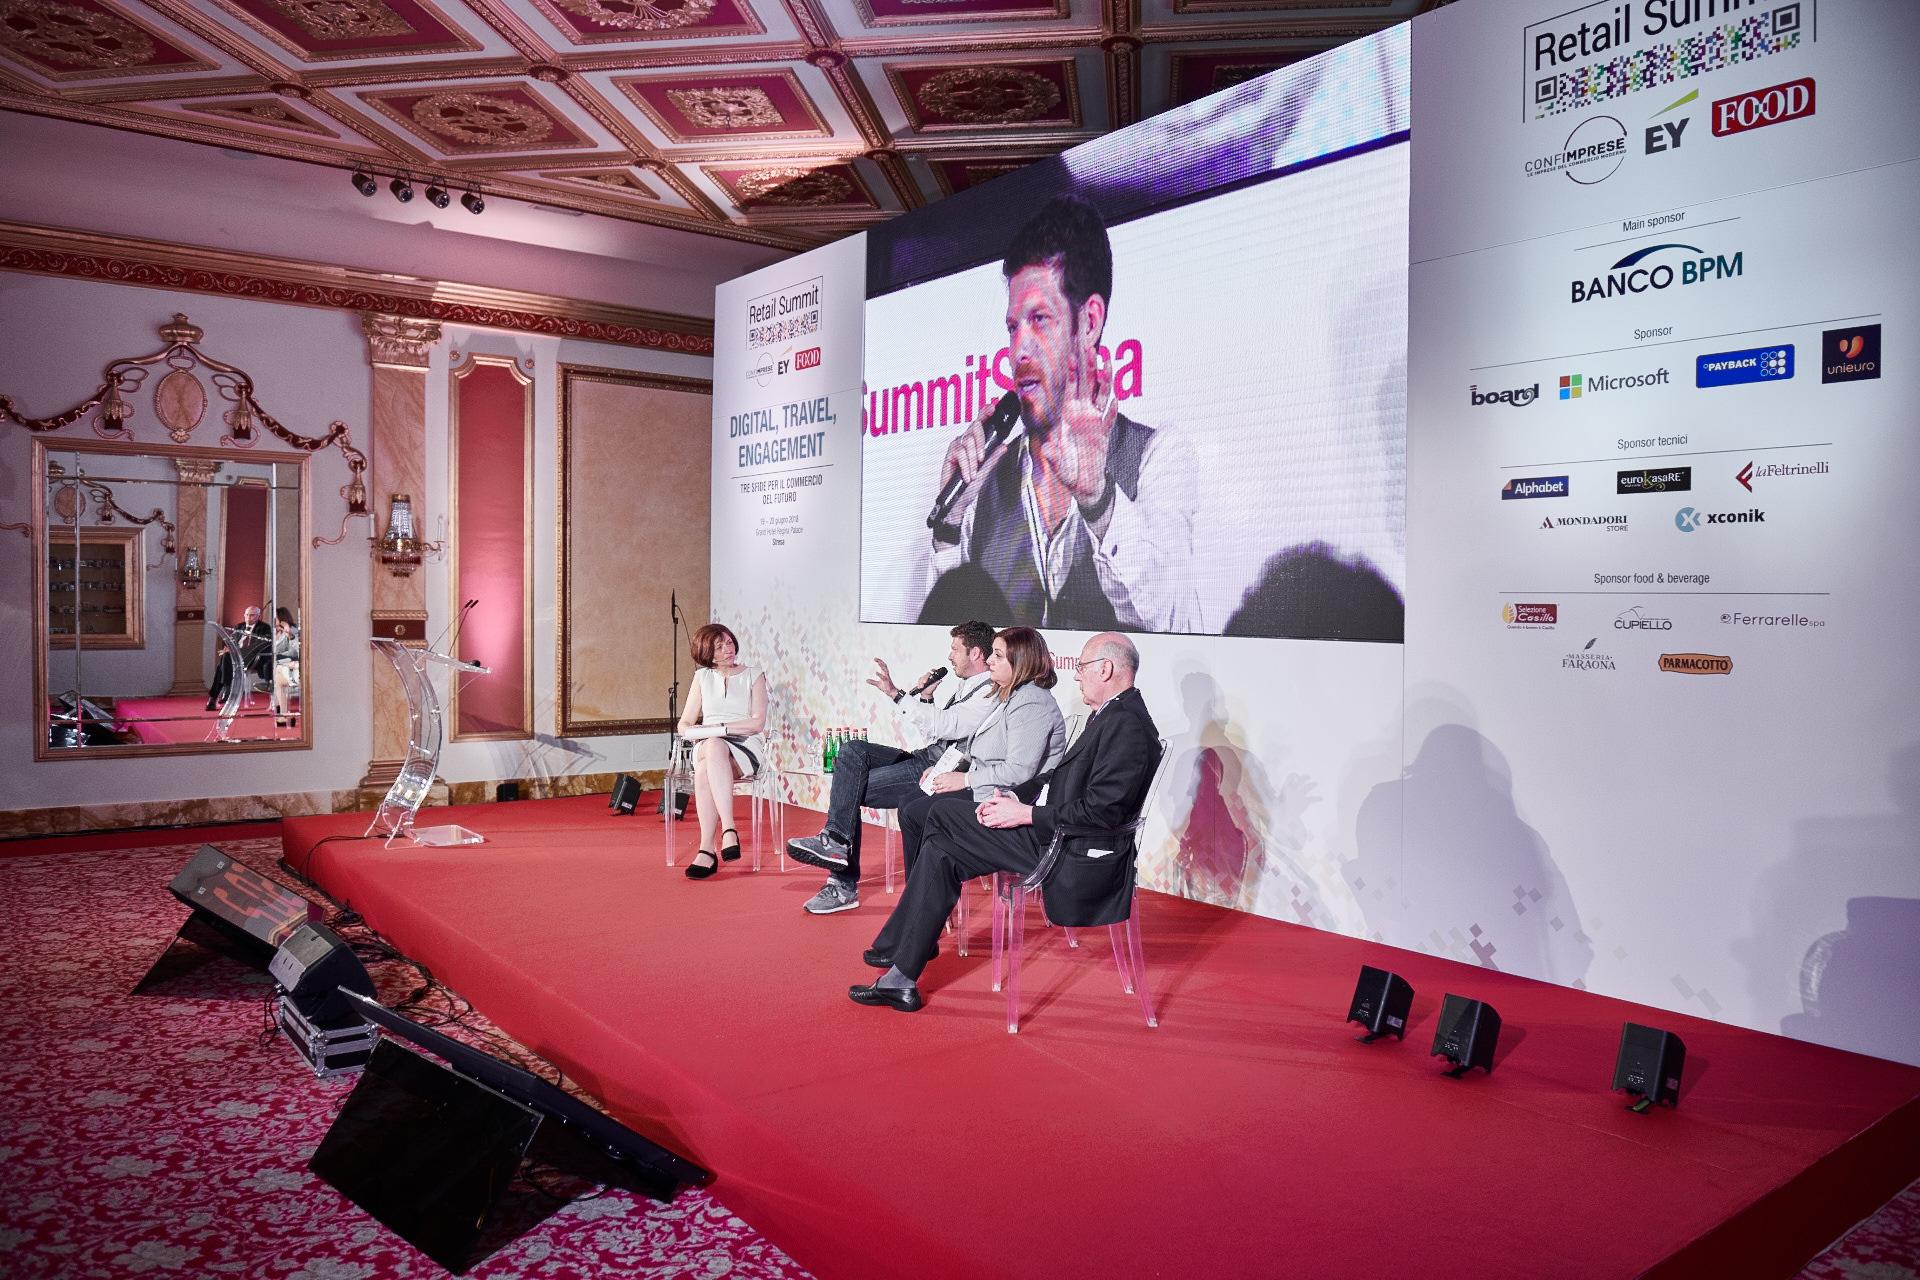 Retail Summit 2018_DSC7869